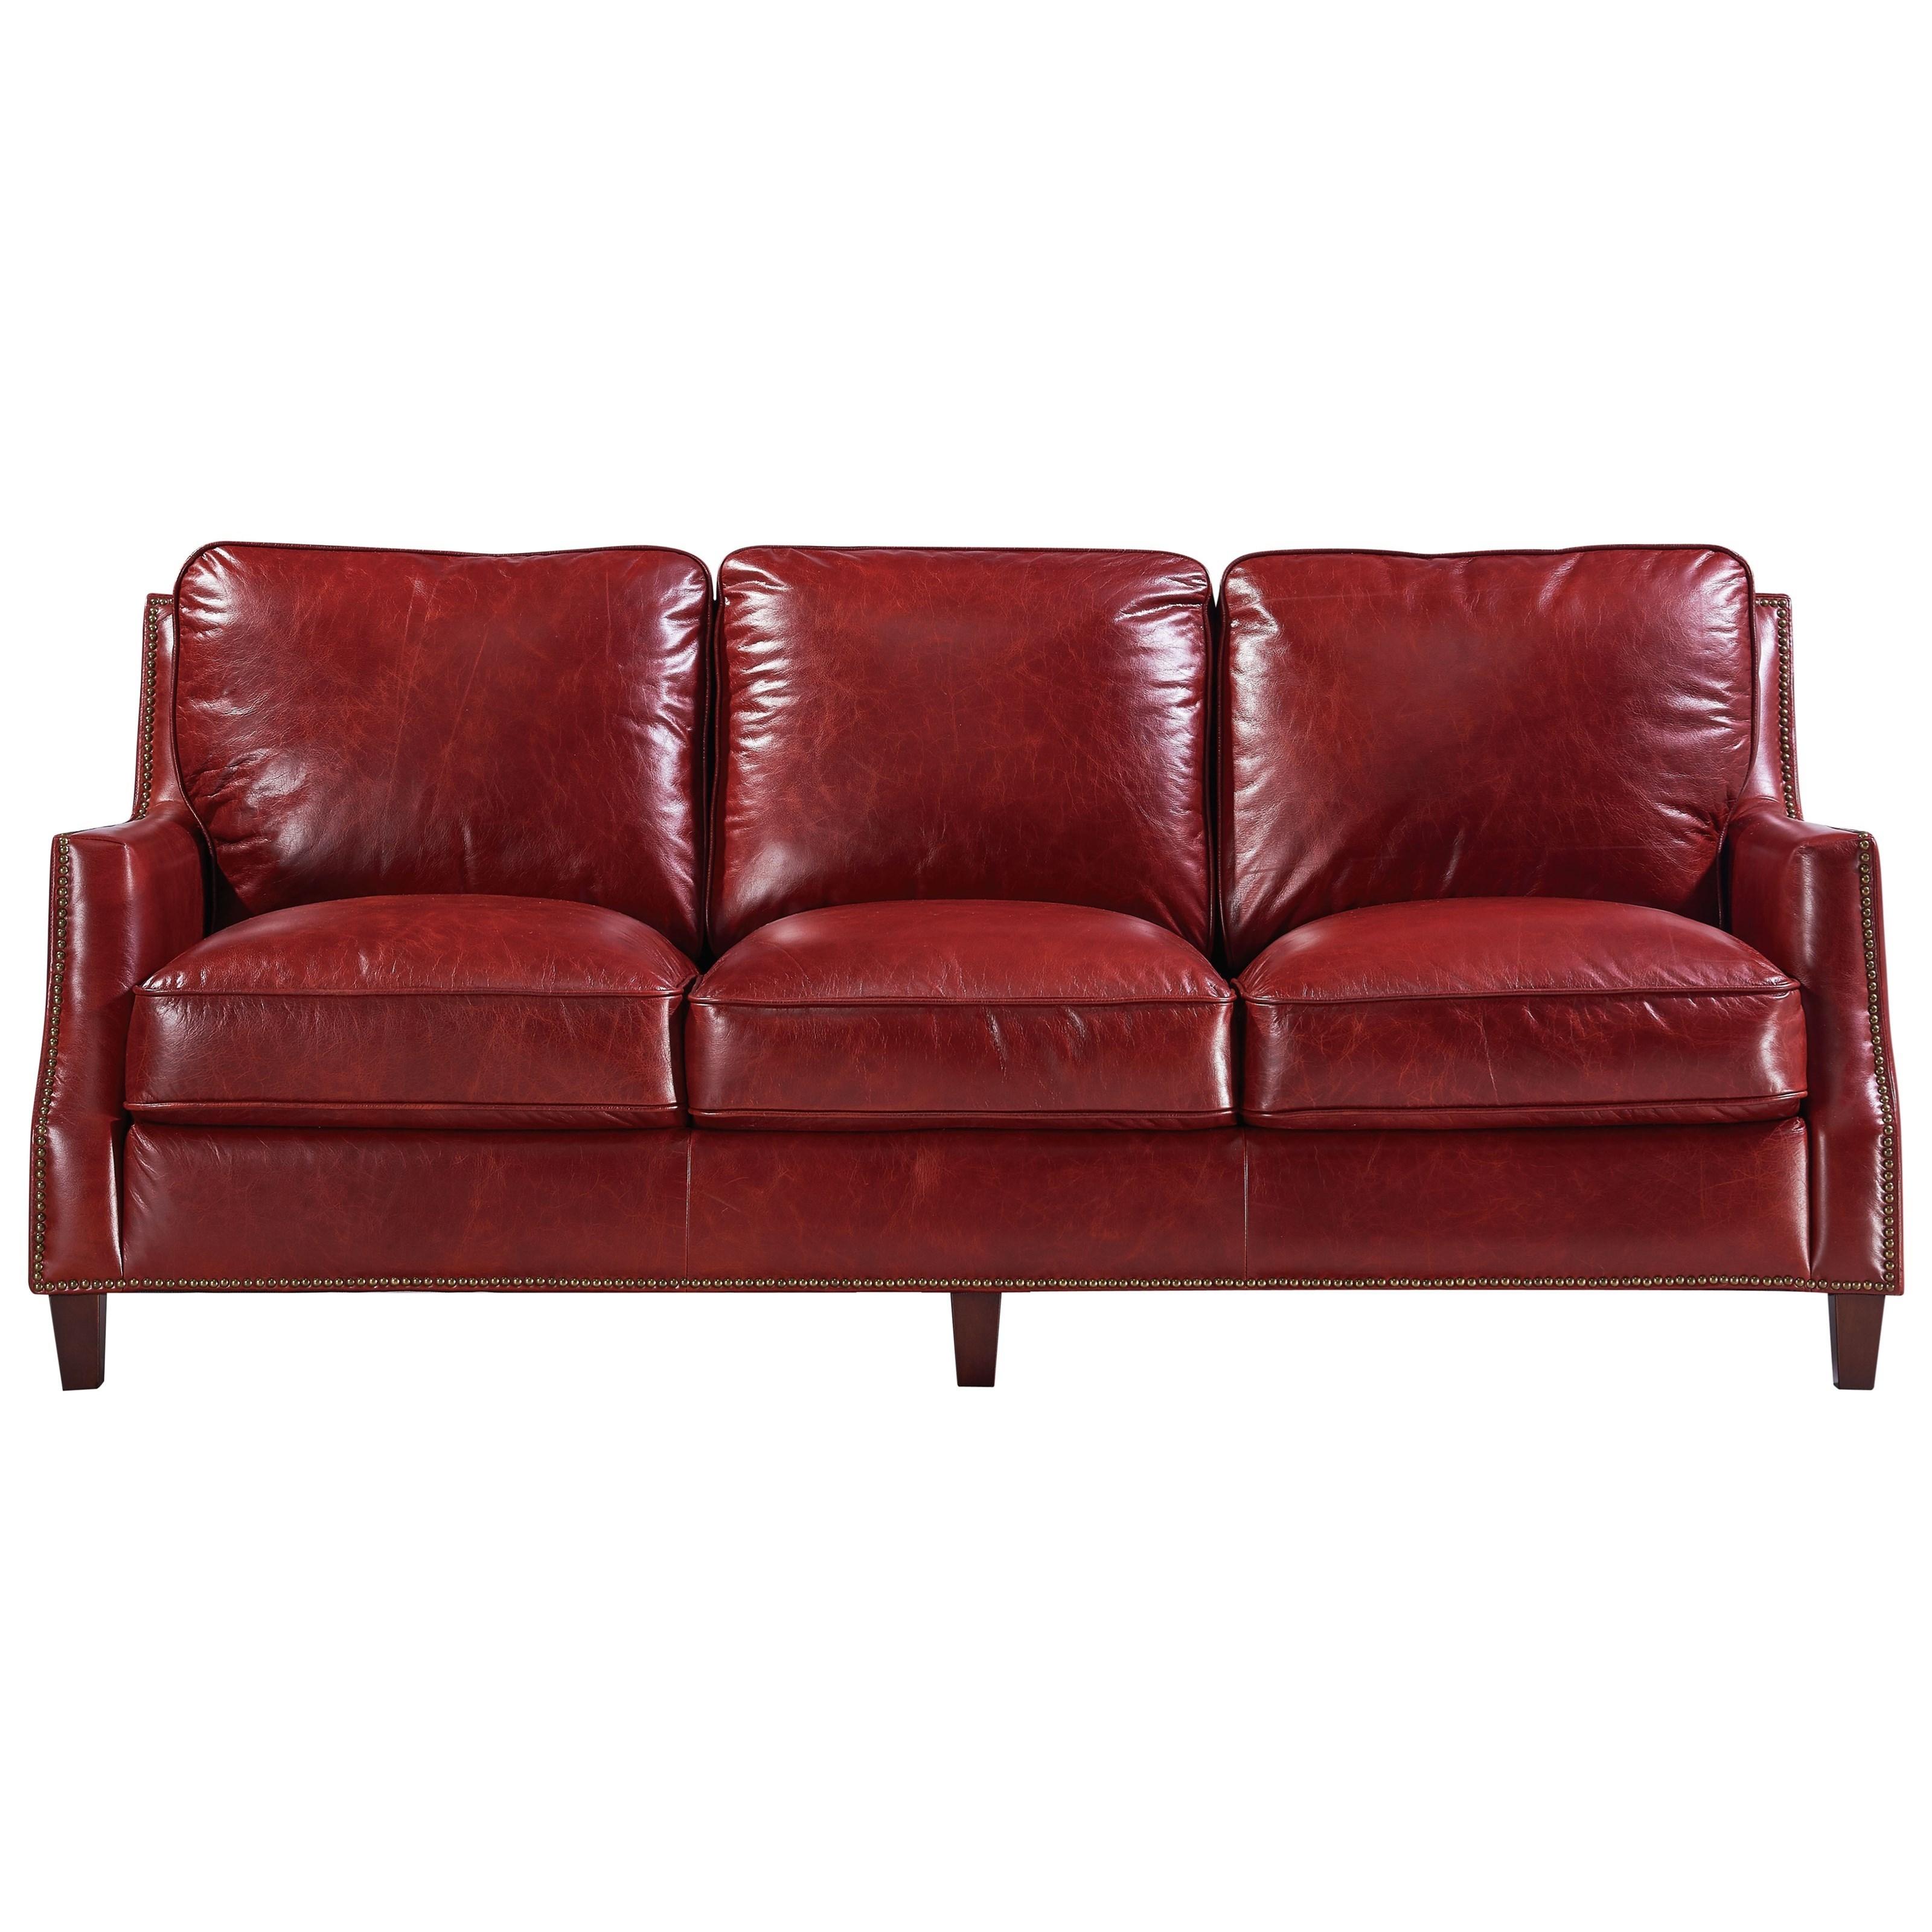 Leather Italia USA Georgetowne   Oakridge Leather Sofa